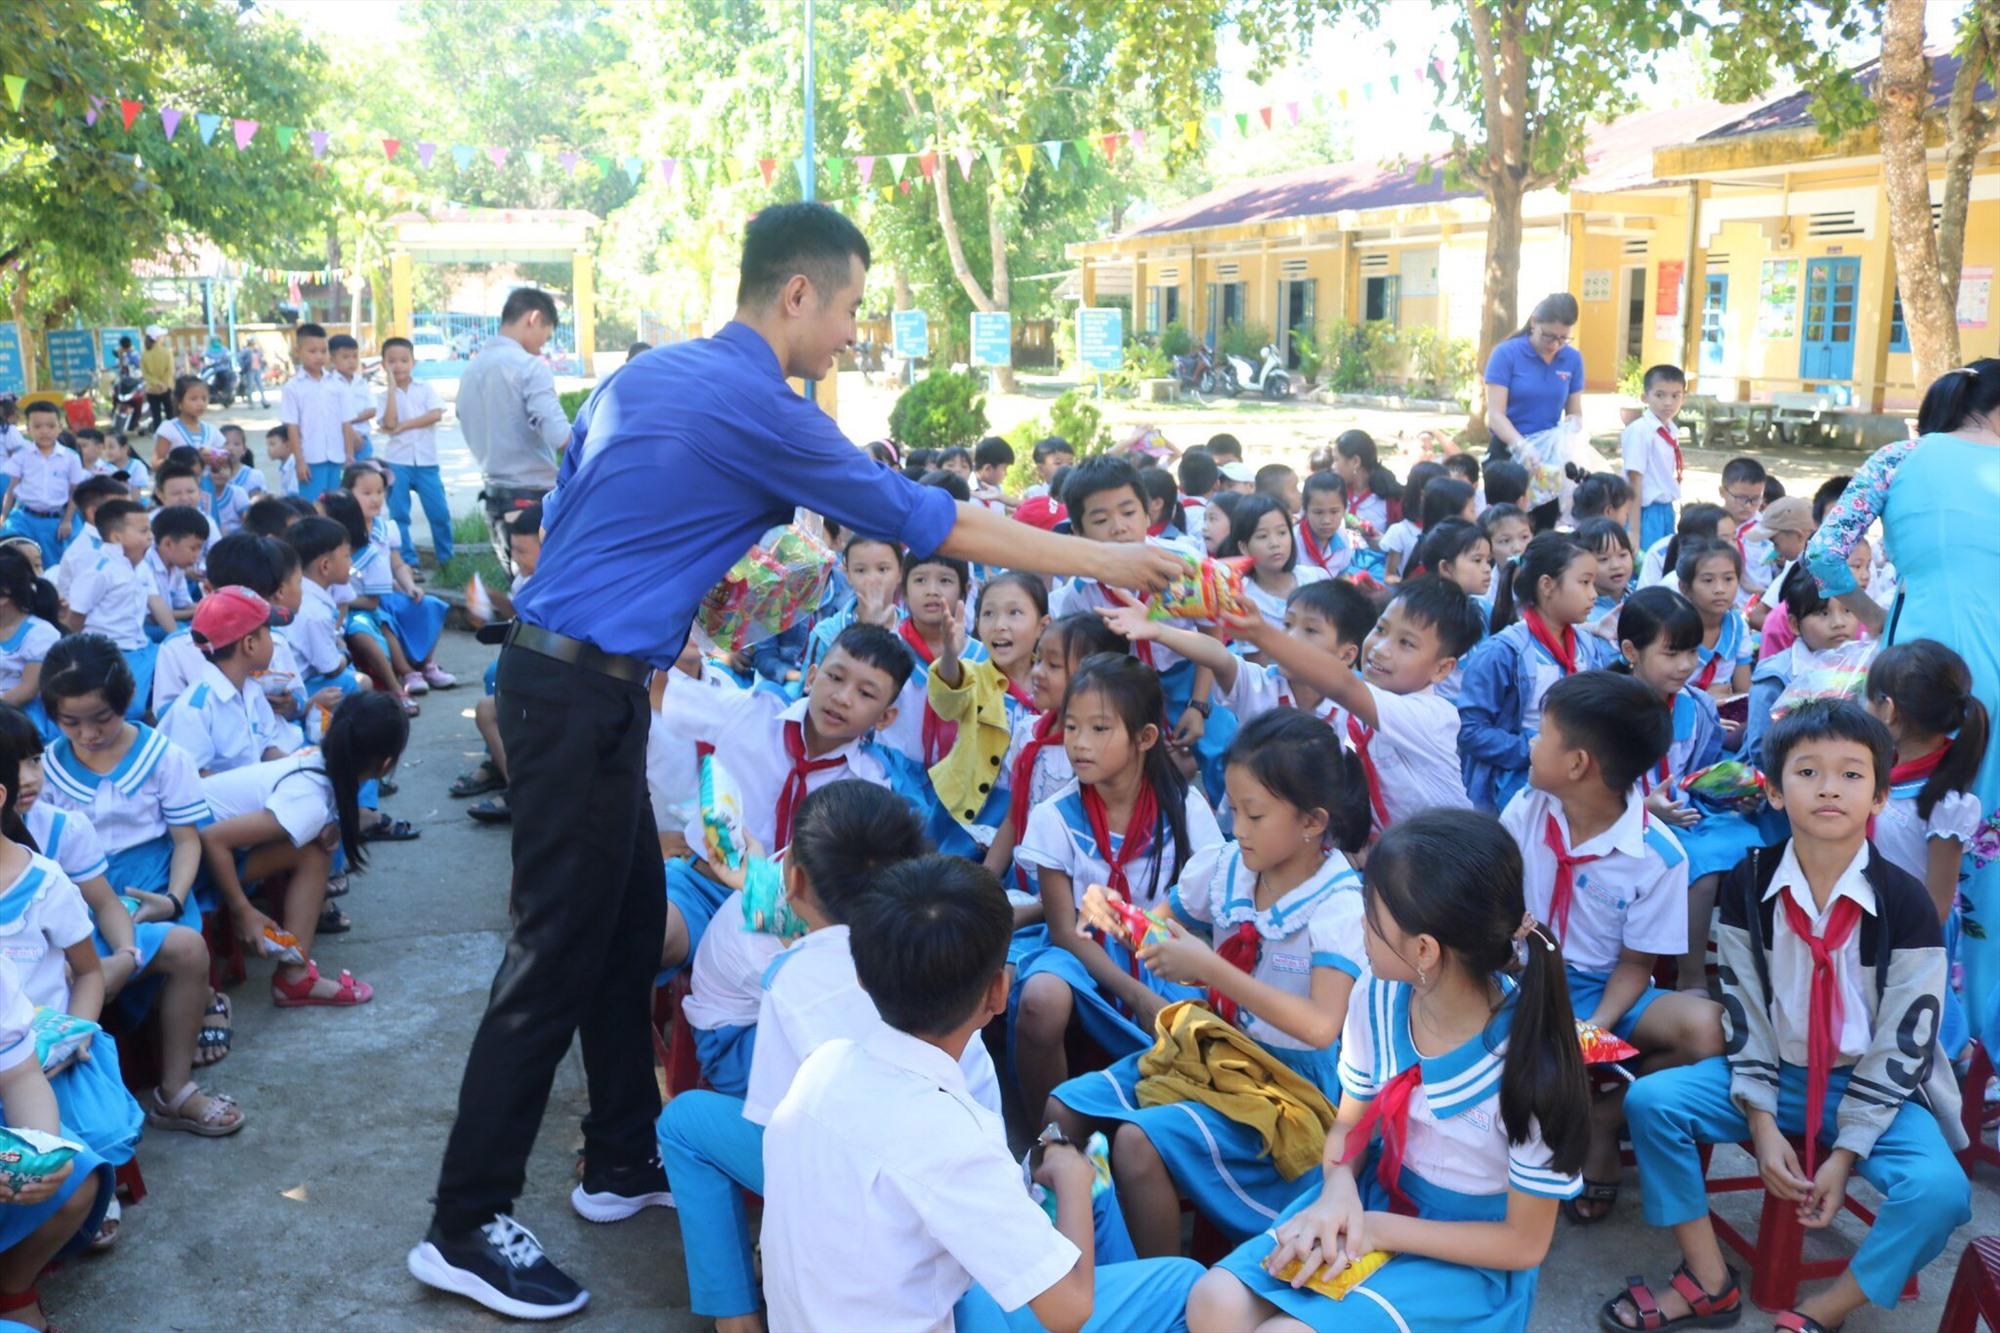 Anh Bảo tham gia ngoại khoá tiếng anh và phát kẹo, bánh cho học sinh tiểu học trên địa bản tỉnh Quảng Nam. Ảnh: QUỐC BẢO